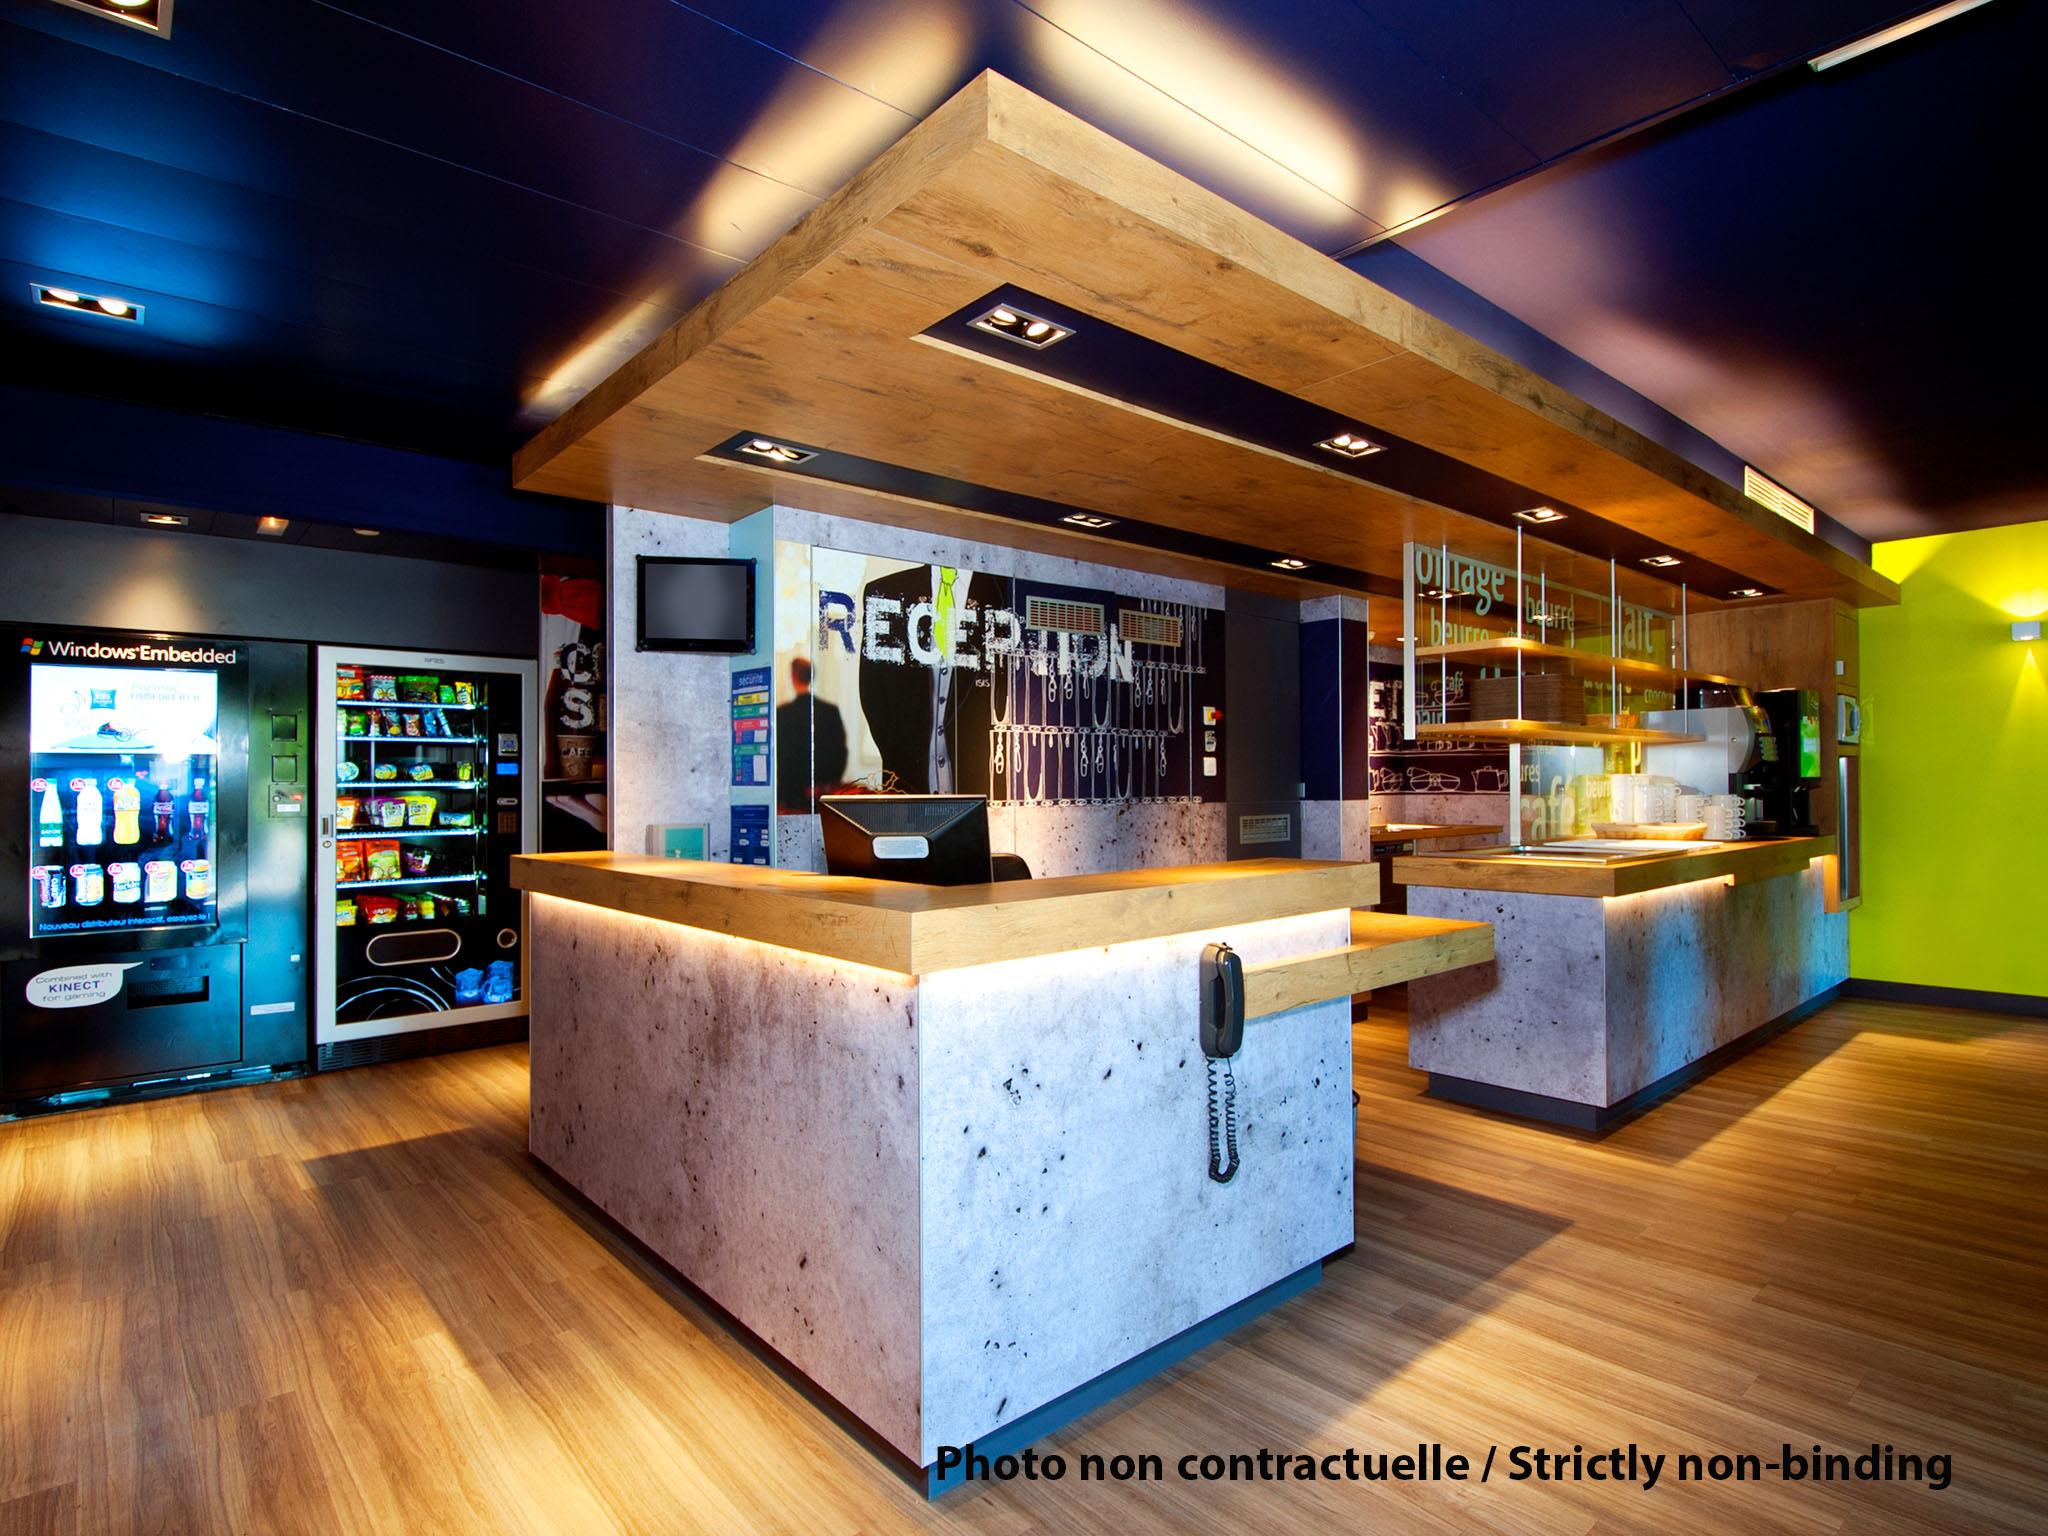 Hotel – ibis budget Swindon (abre em janeiro de 2019)